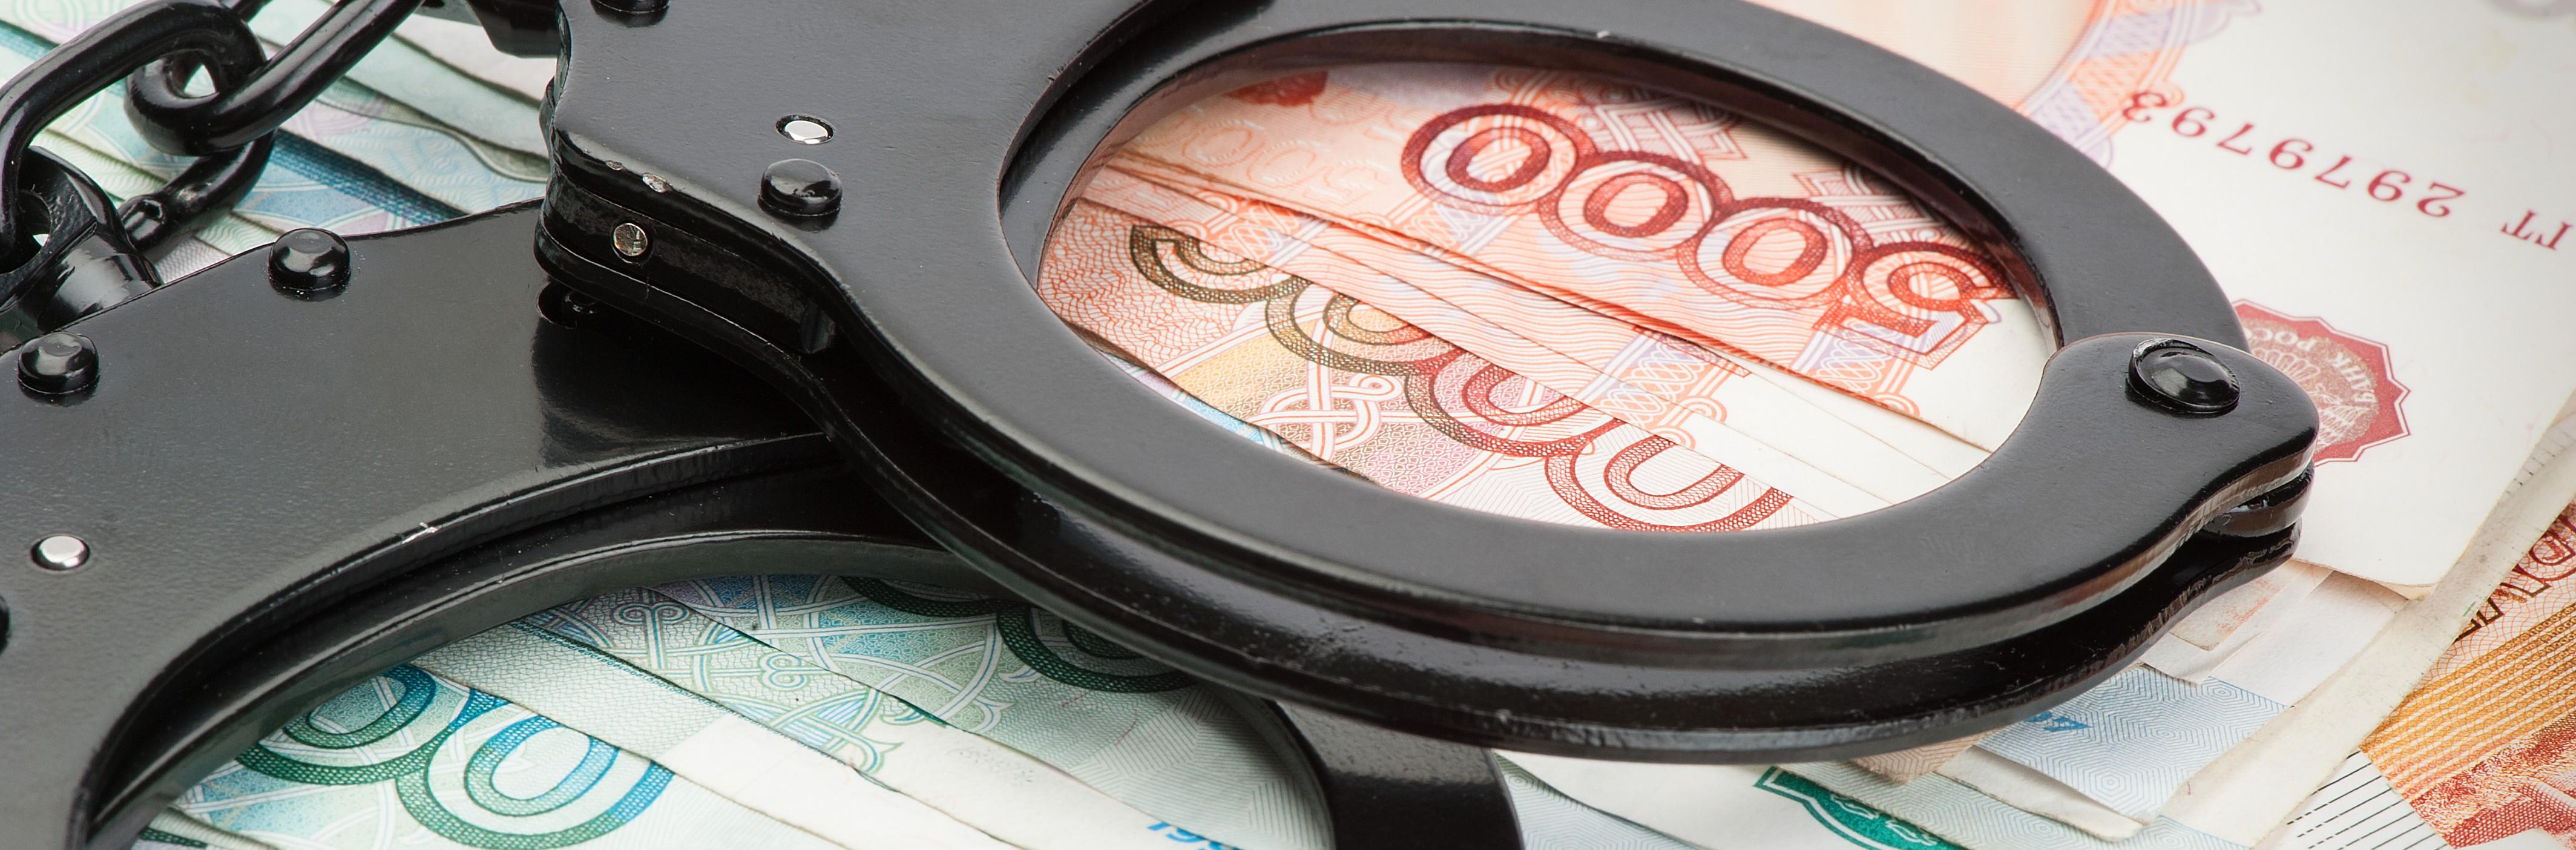 Бизнес в России раздавят: налоговая получит доступ к аудиторской тайне